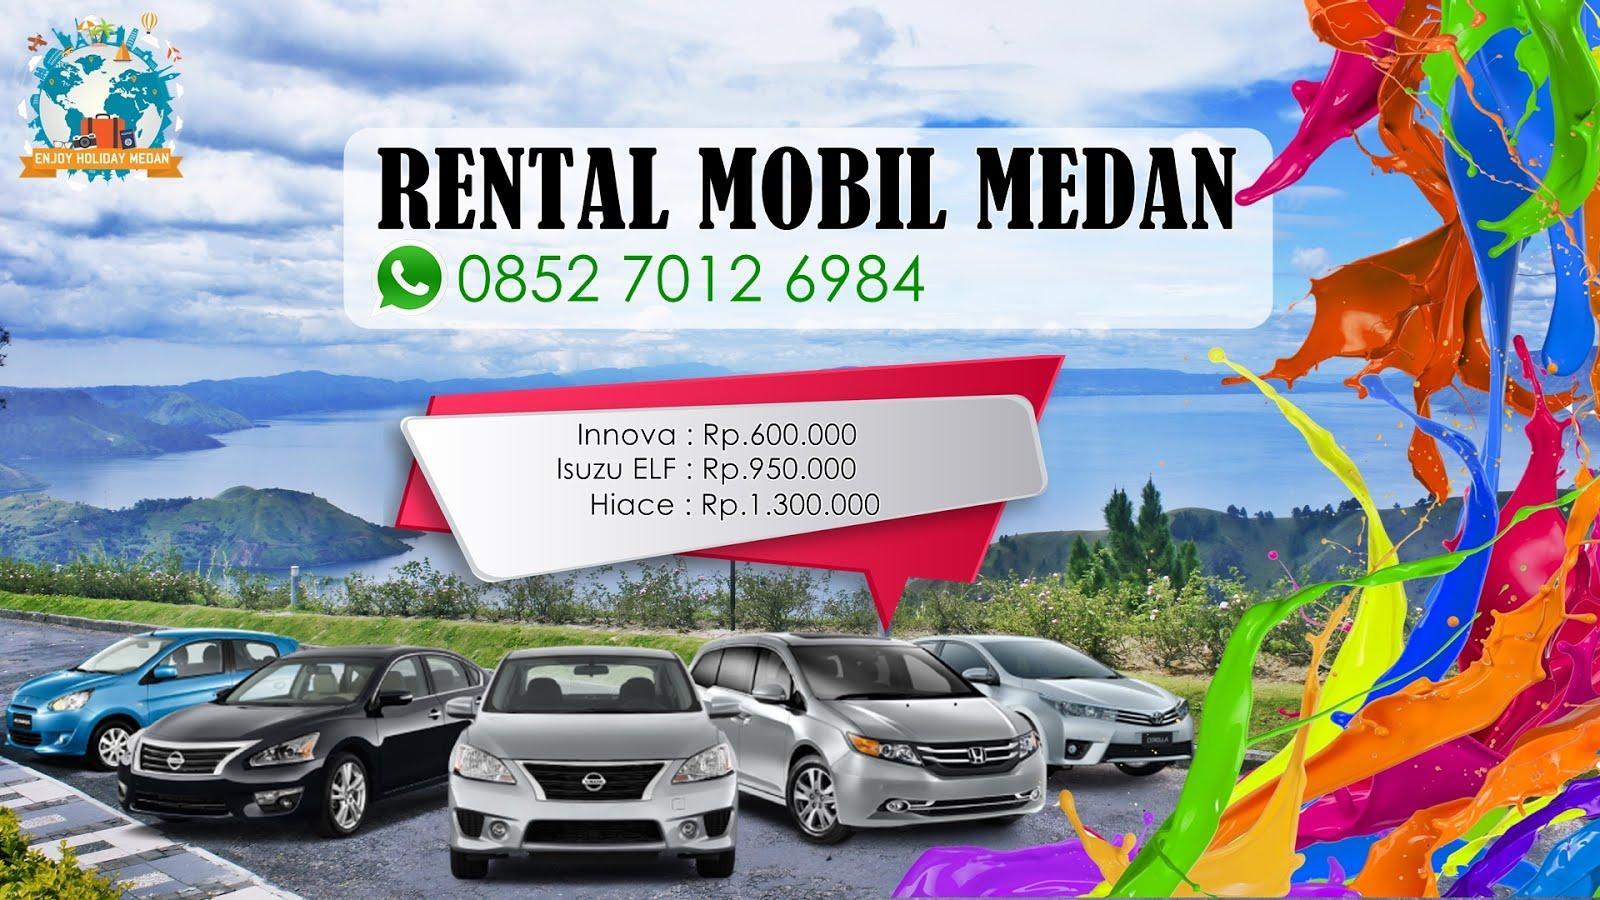 Rental Mobil Murah Di Kota Medan